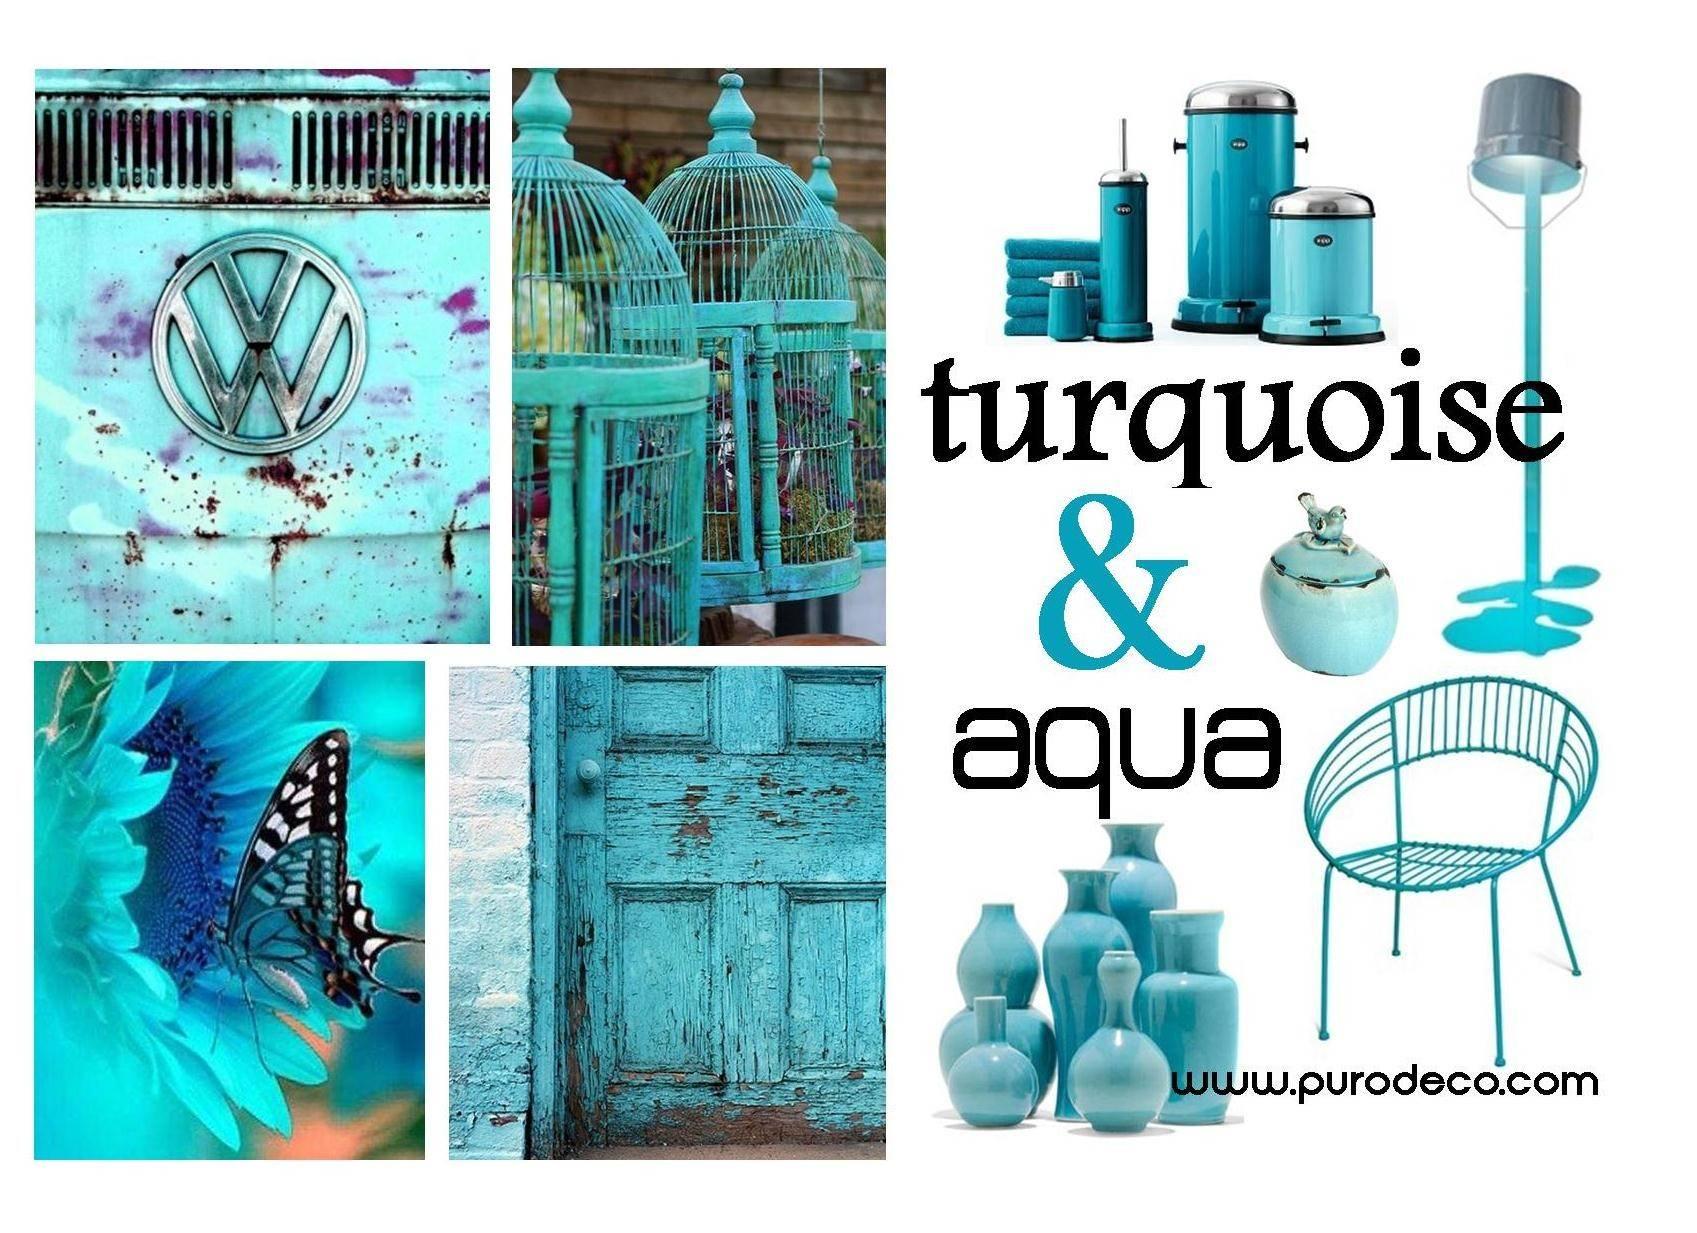 Turquoise Aqua Great Colors Hot Summer